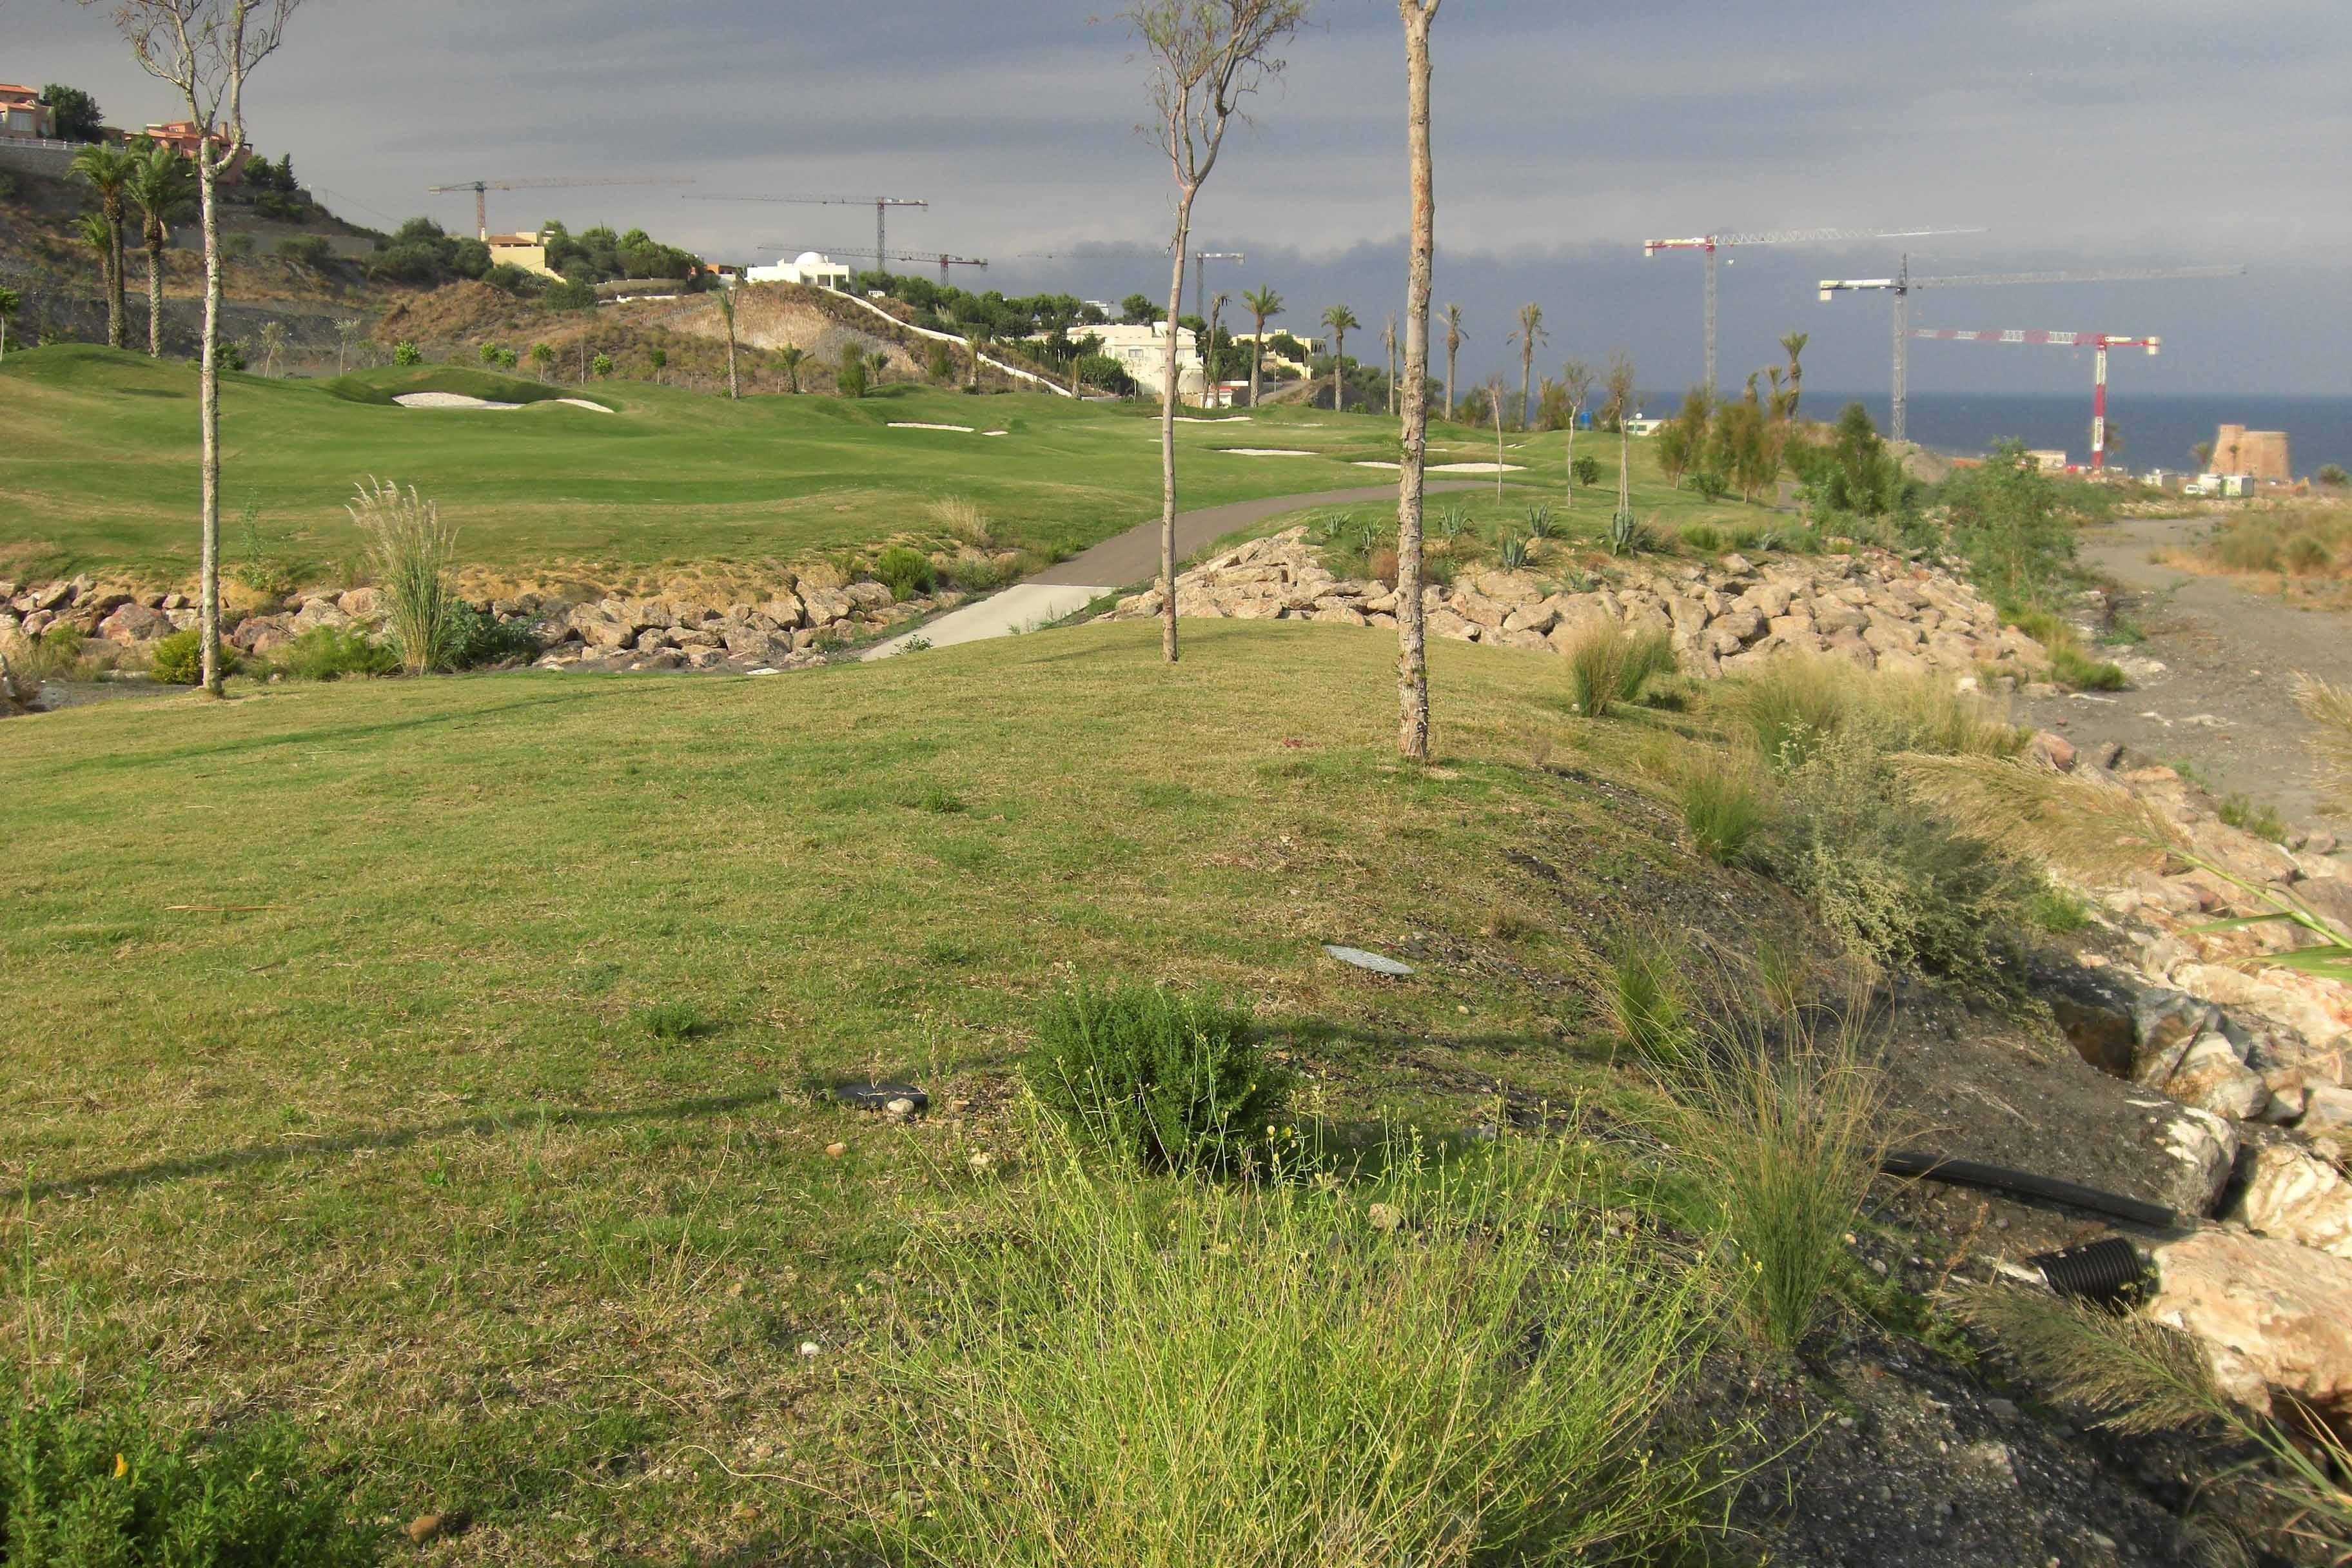 Playa Macenas, Mojacar, Andalusia, Spain